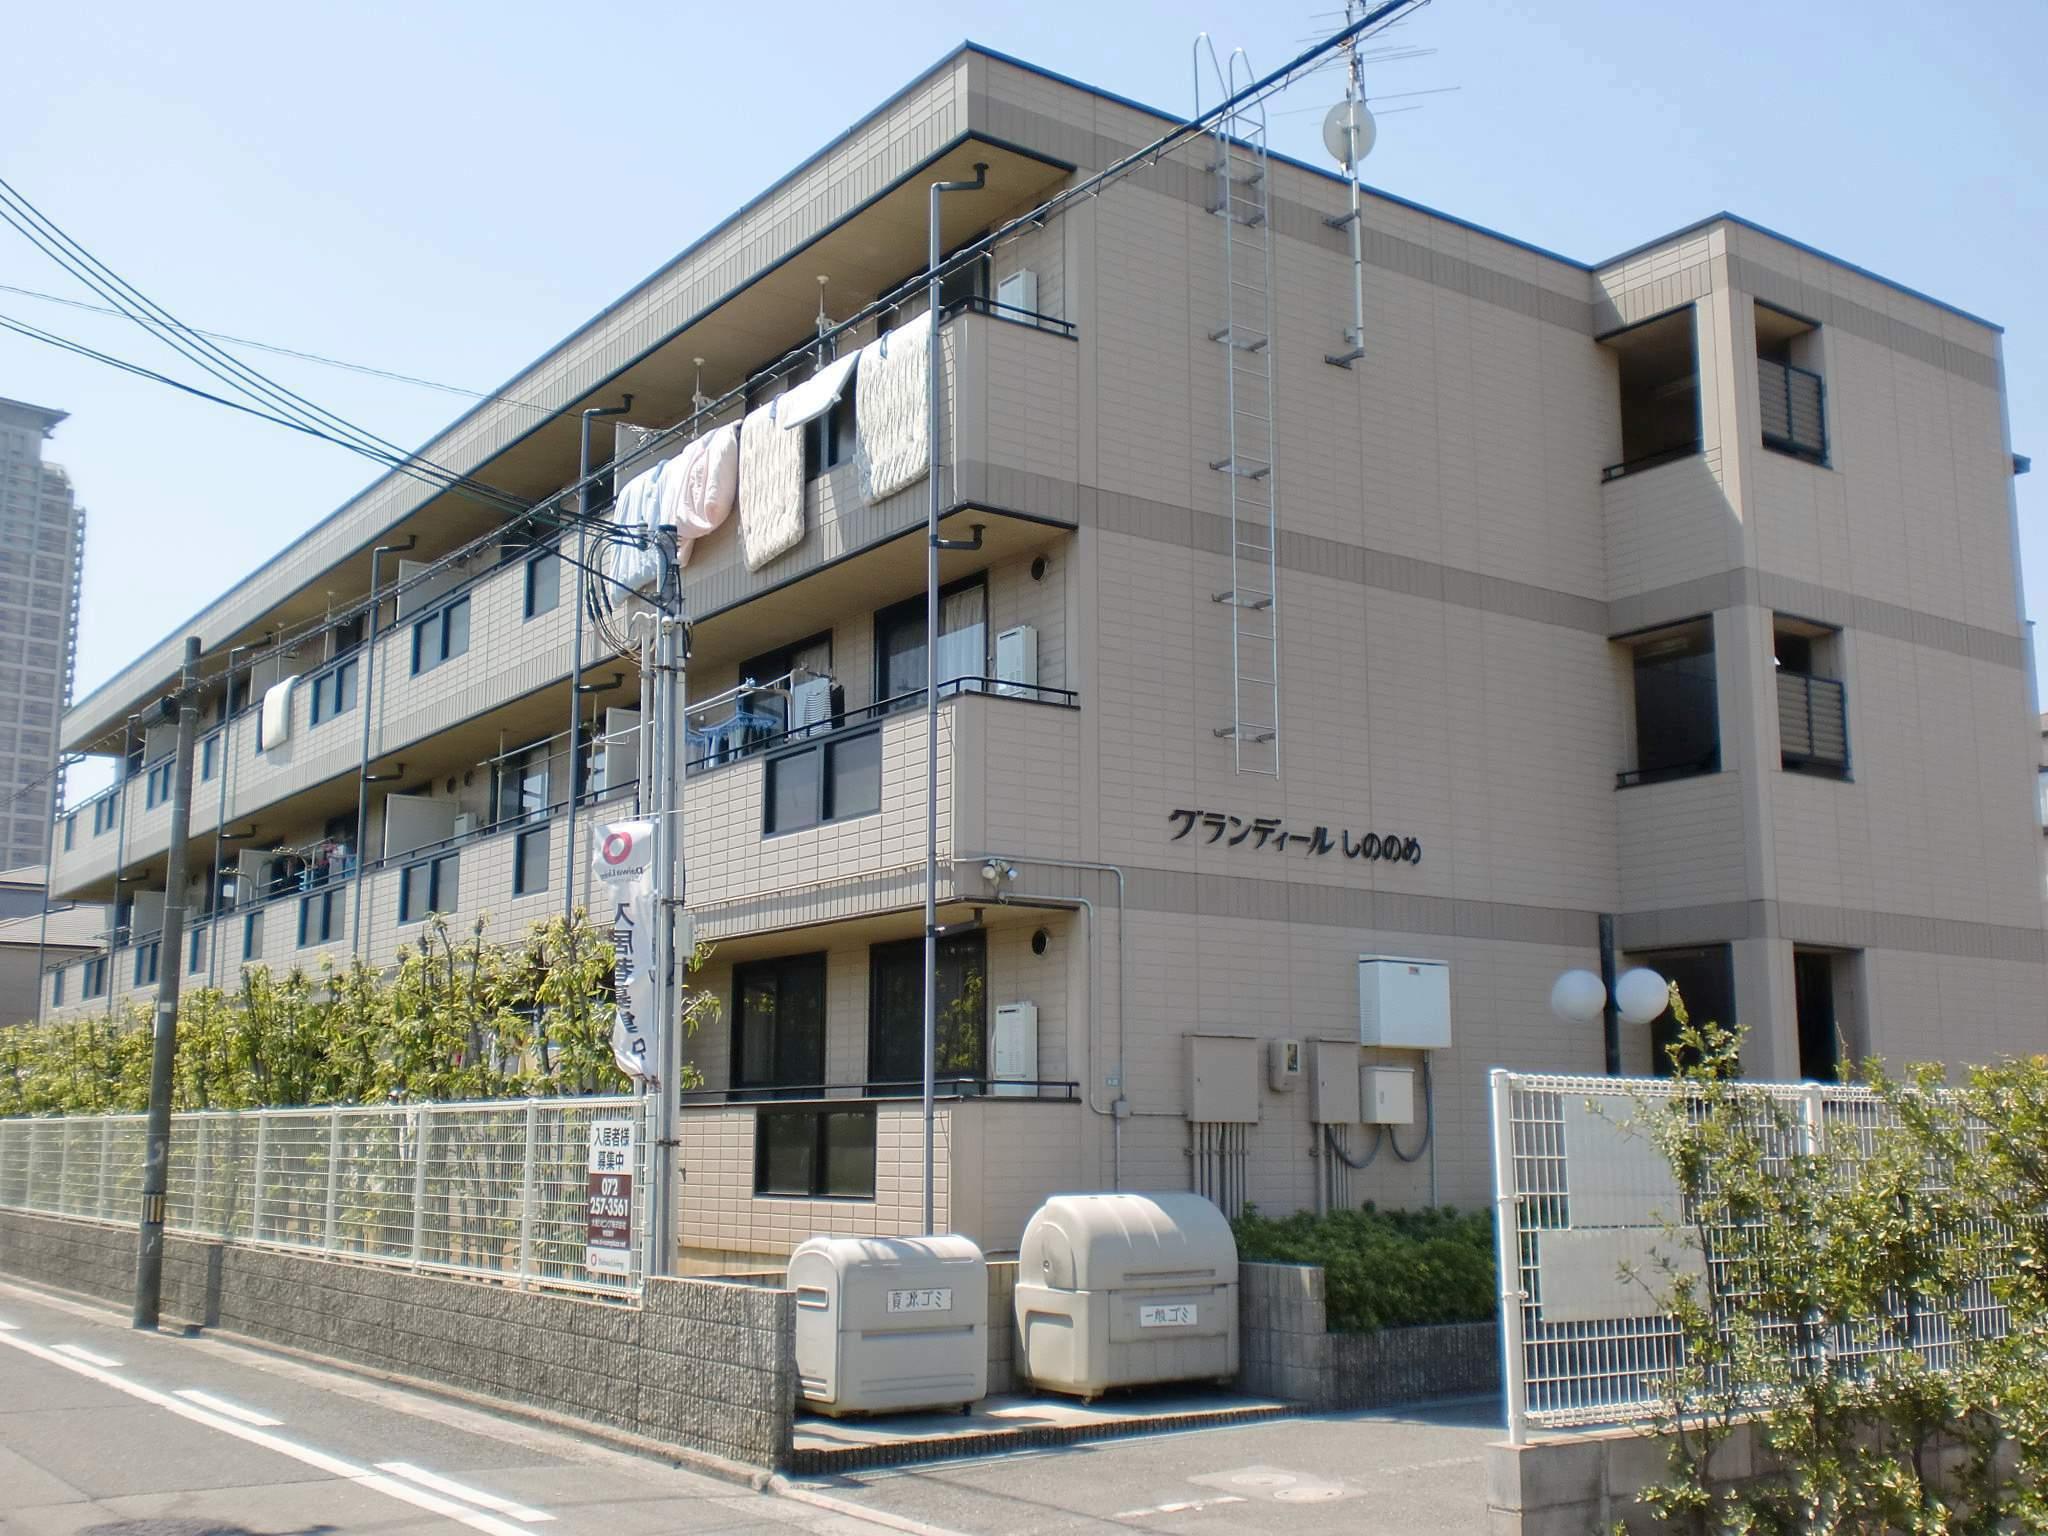 大阪府堺市堺区、浅香駅徒歩10分の築19年 3階建の賃貸アパート